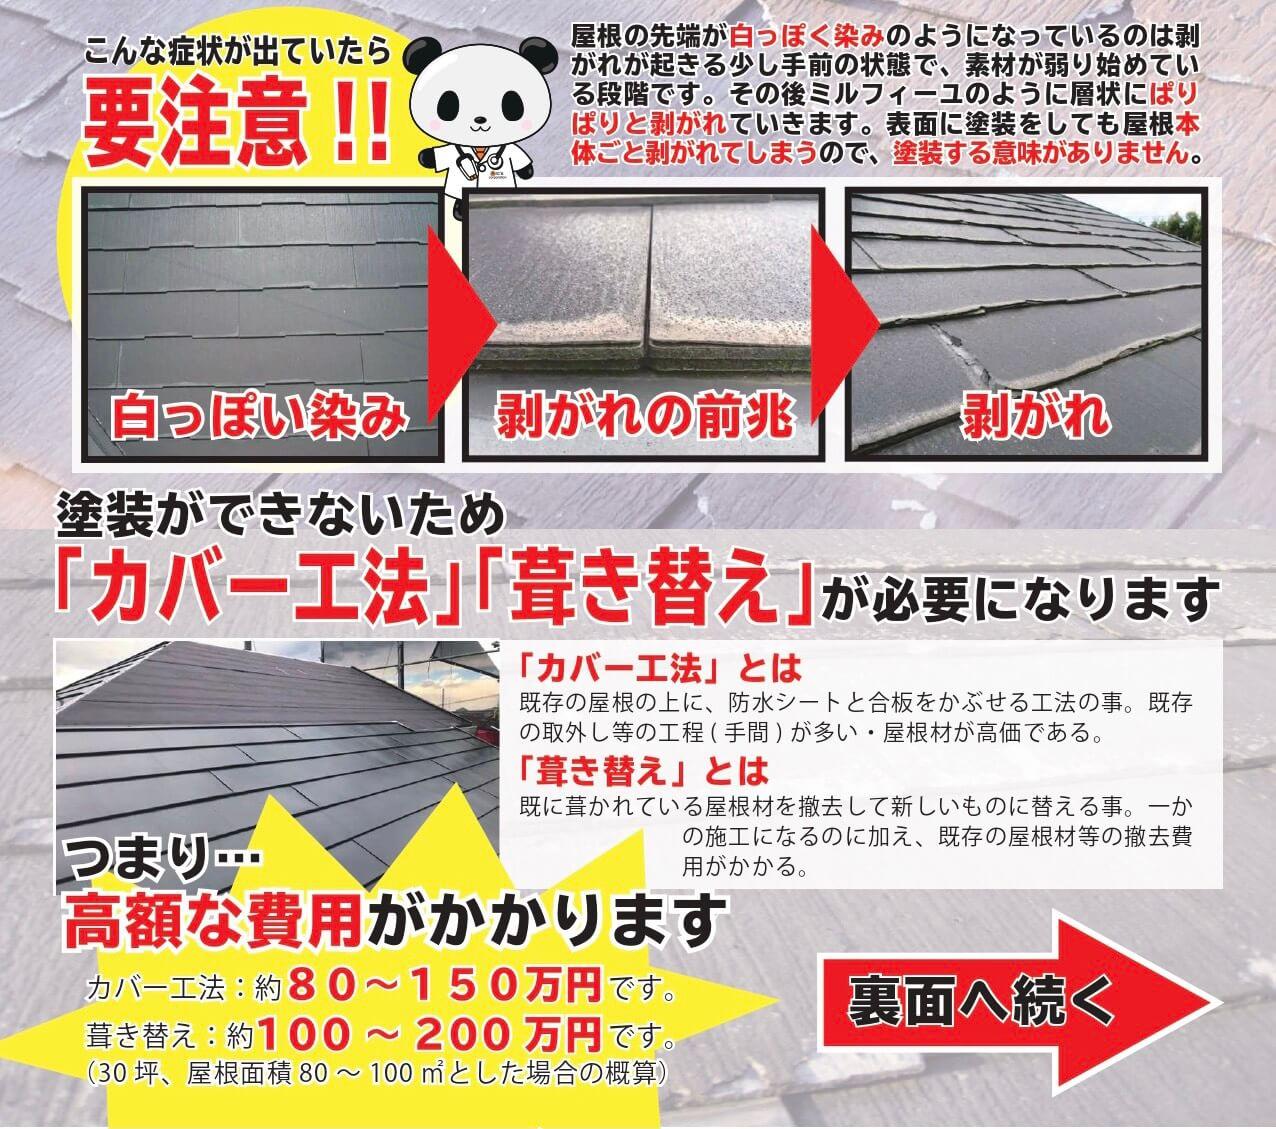 【朗報】屋根のカバー工法・葺き替えを勧められた皆様におすすめです!!